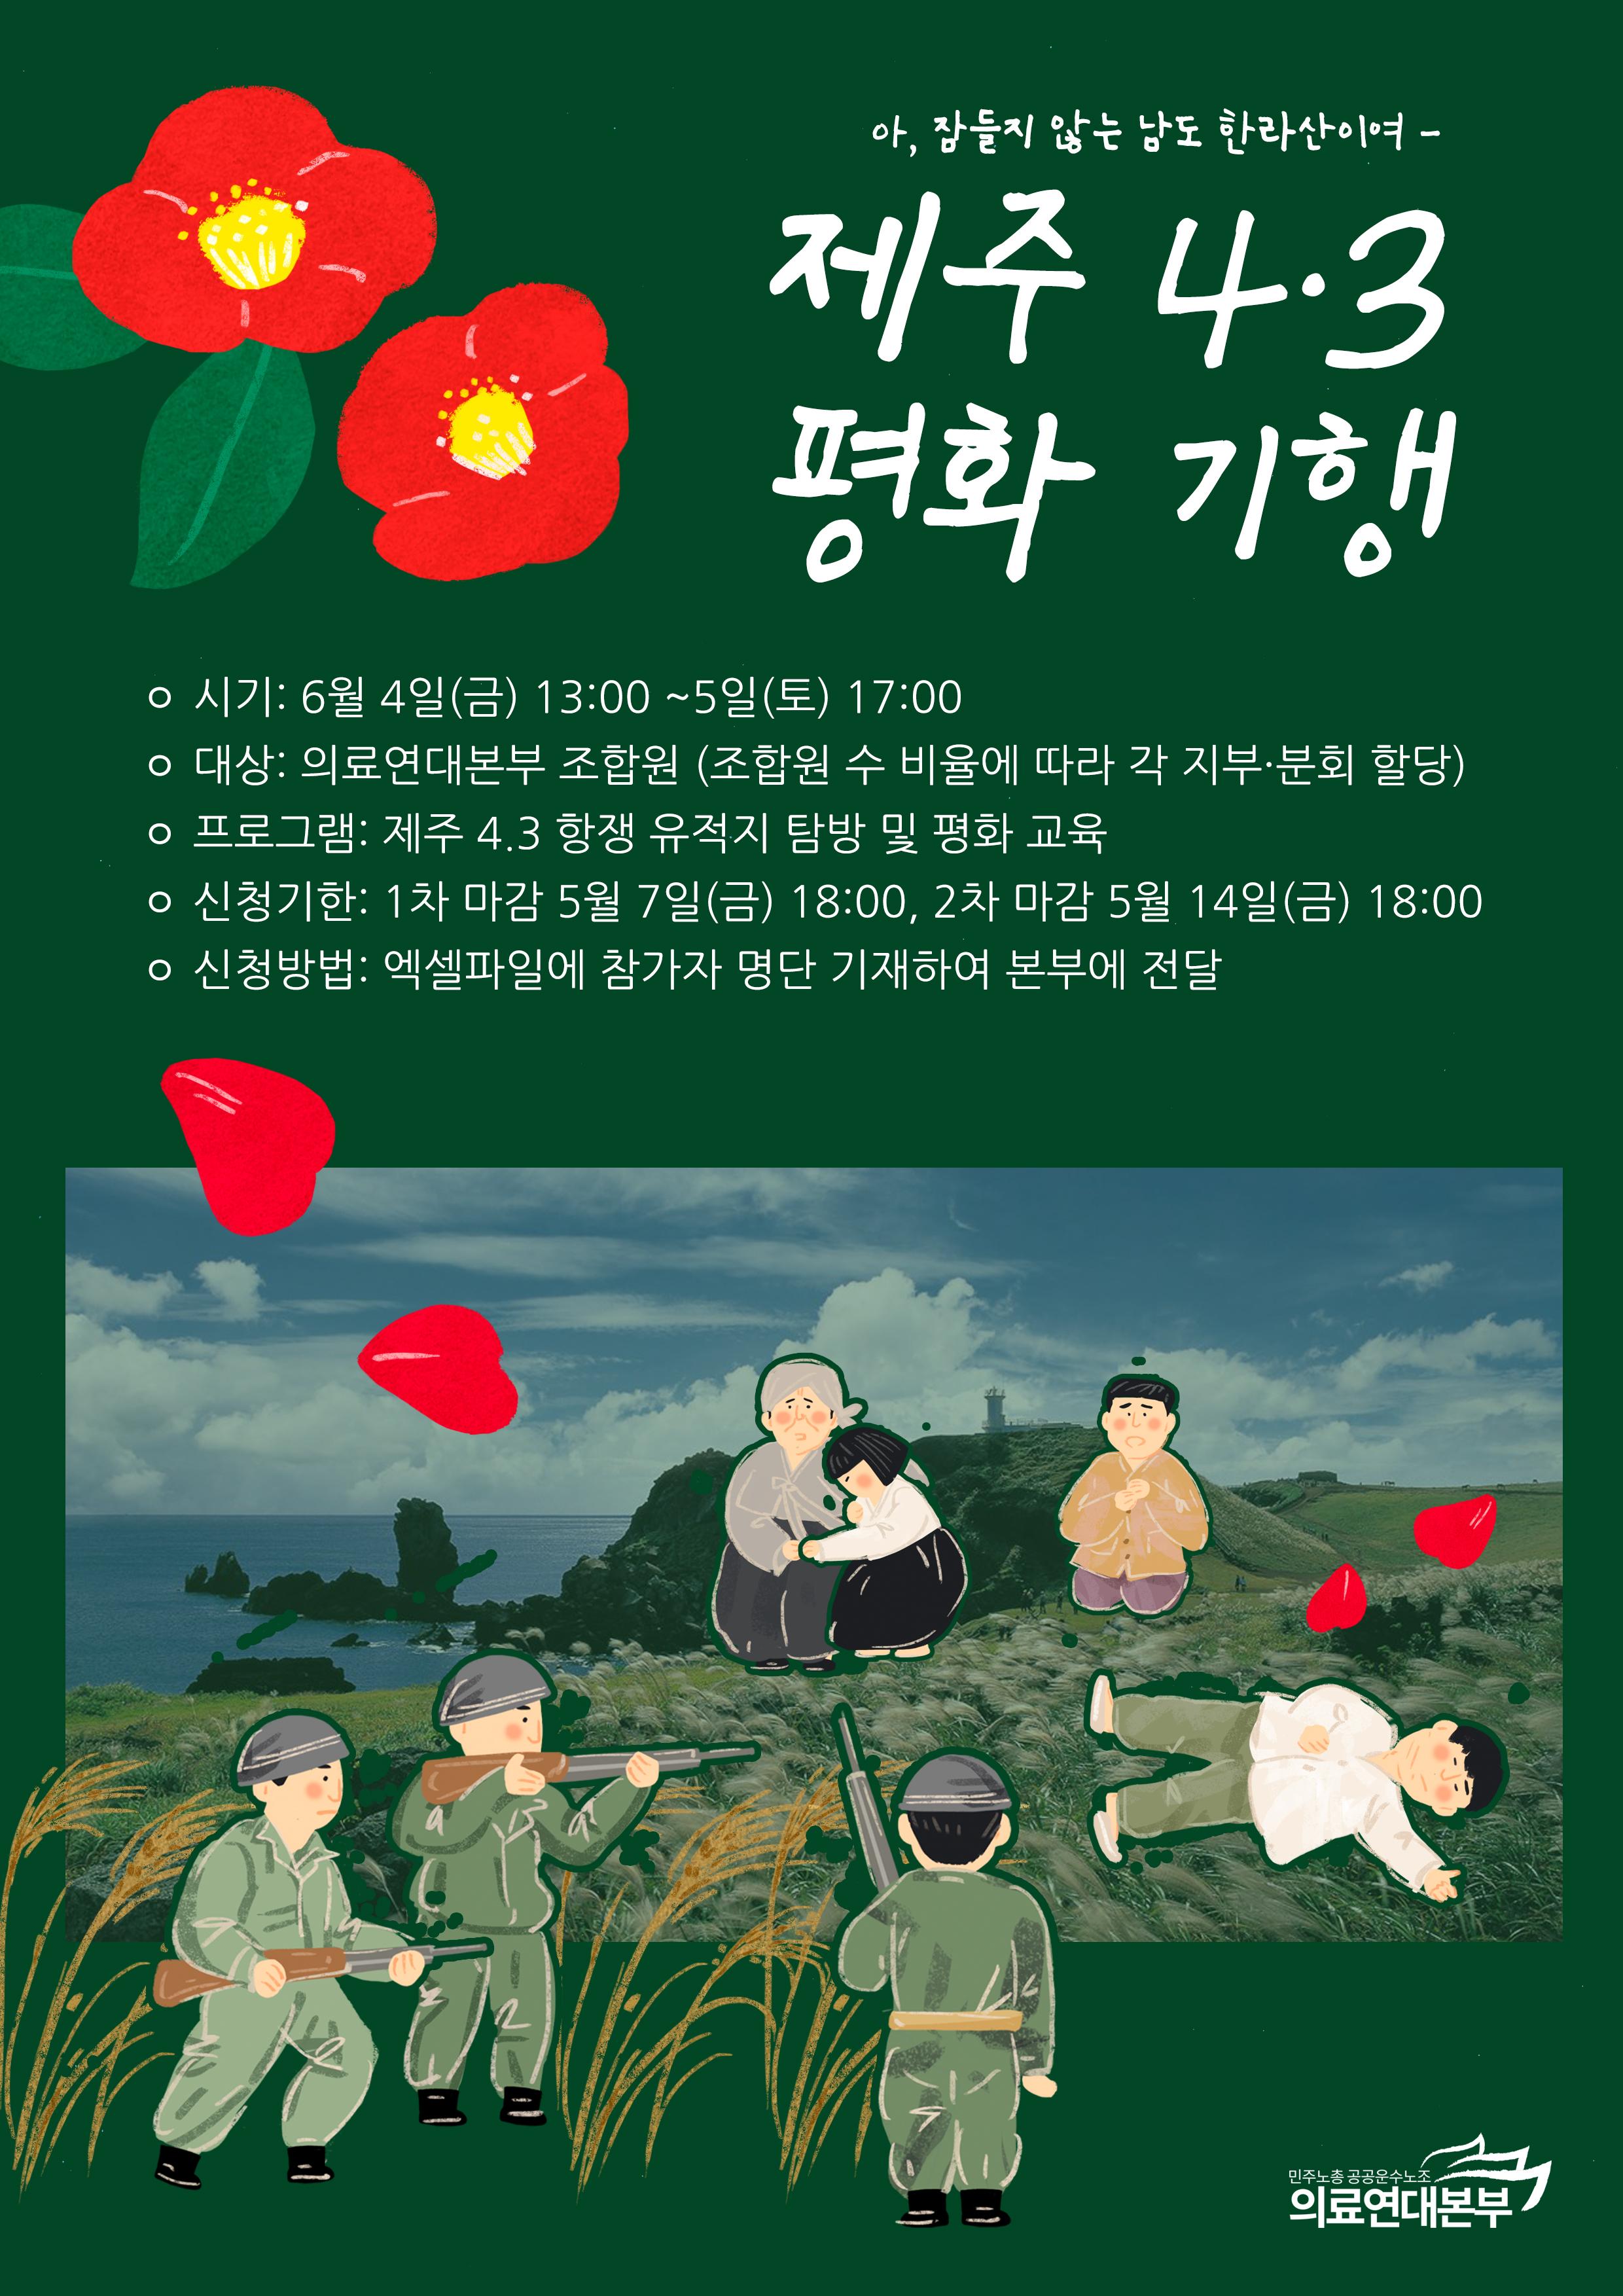 제주웹자보(본부공유용).jpg